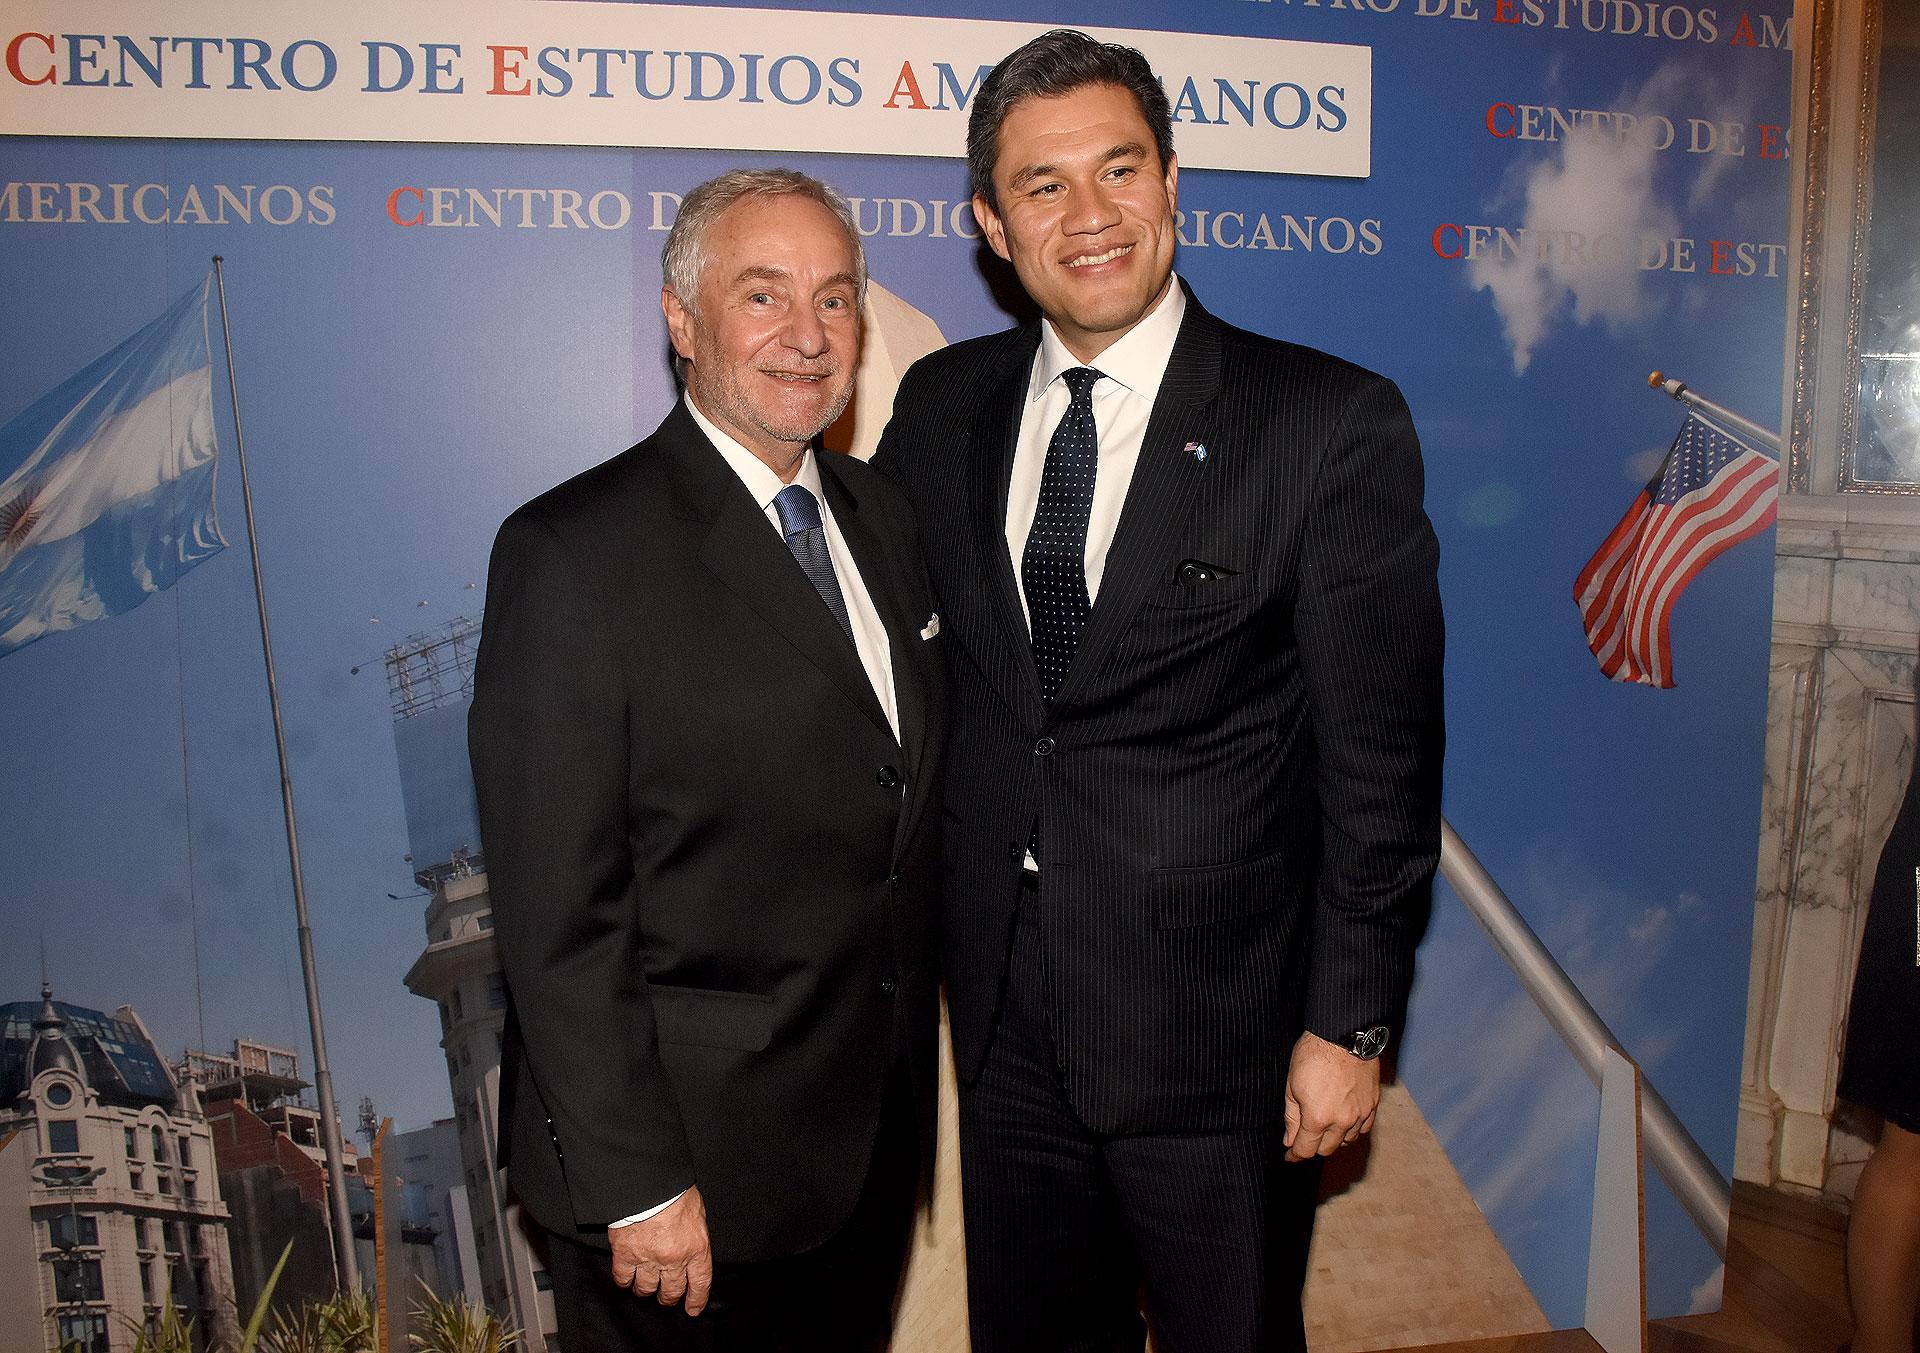 Luis Savino y Silvio González, consejero de Asuntos Públicos de la Embajada de los Estados Unidos en la Argentina